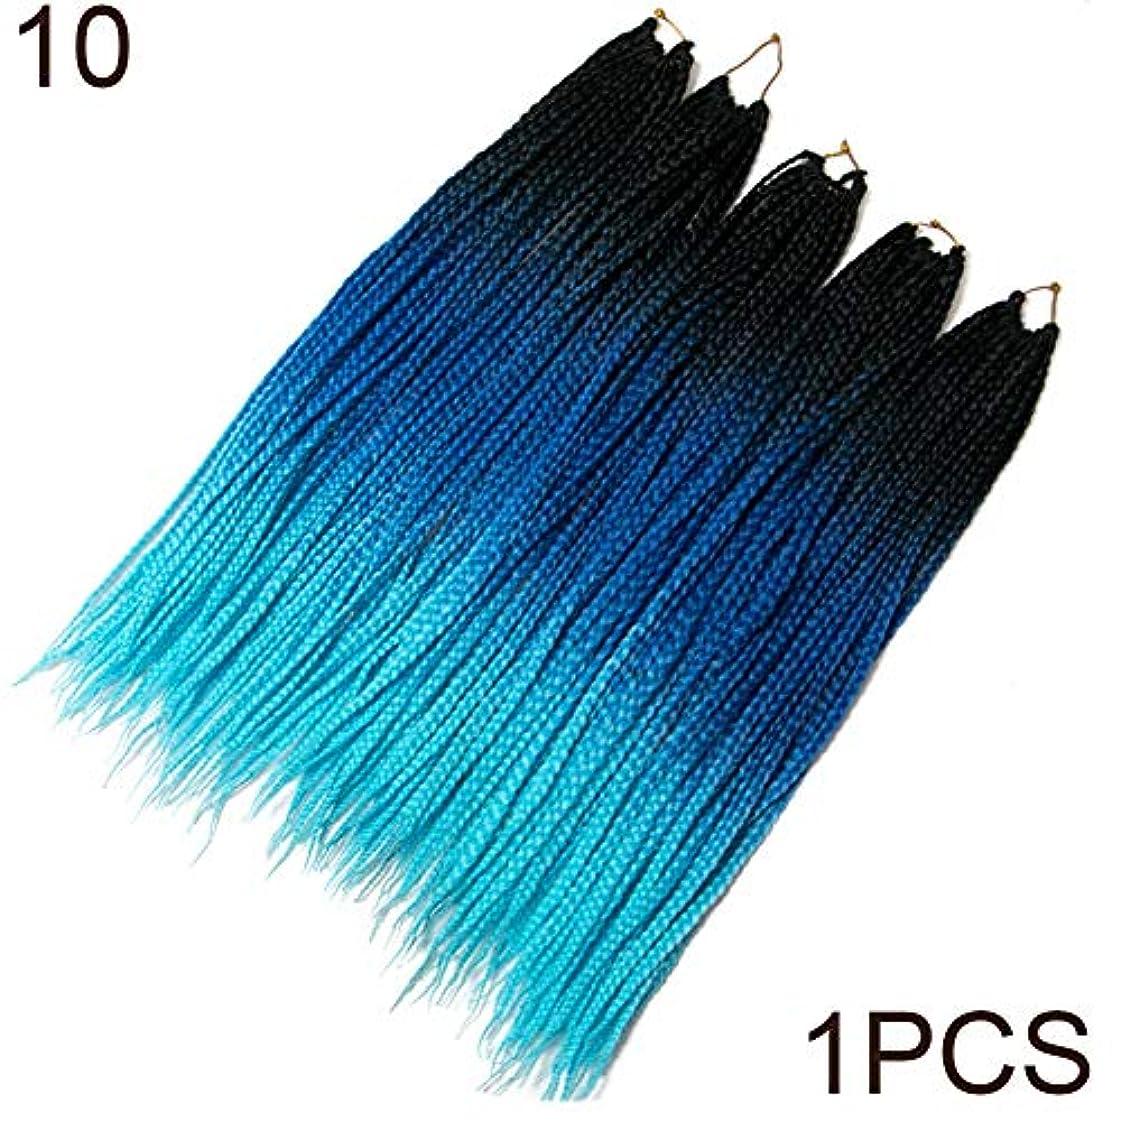 闇最少マオリslQinjiansav女性ウィッグ修理ツール60cm長いソフトかぎ針編みツイスト編み合成ヘアエクステンションカラーブロックウィッグ